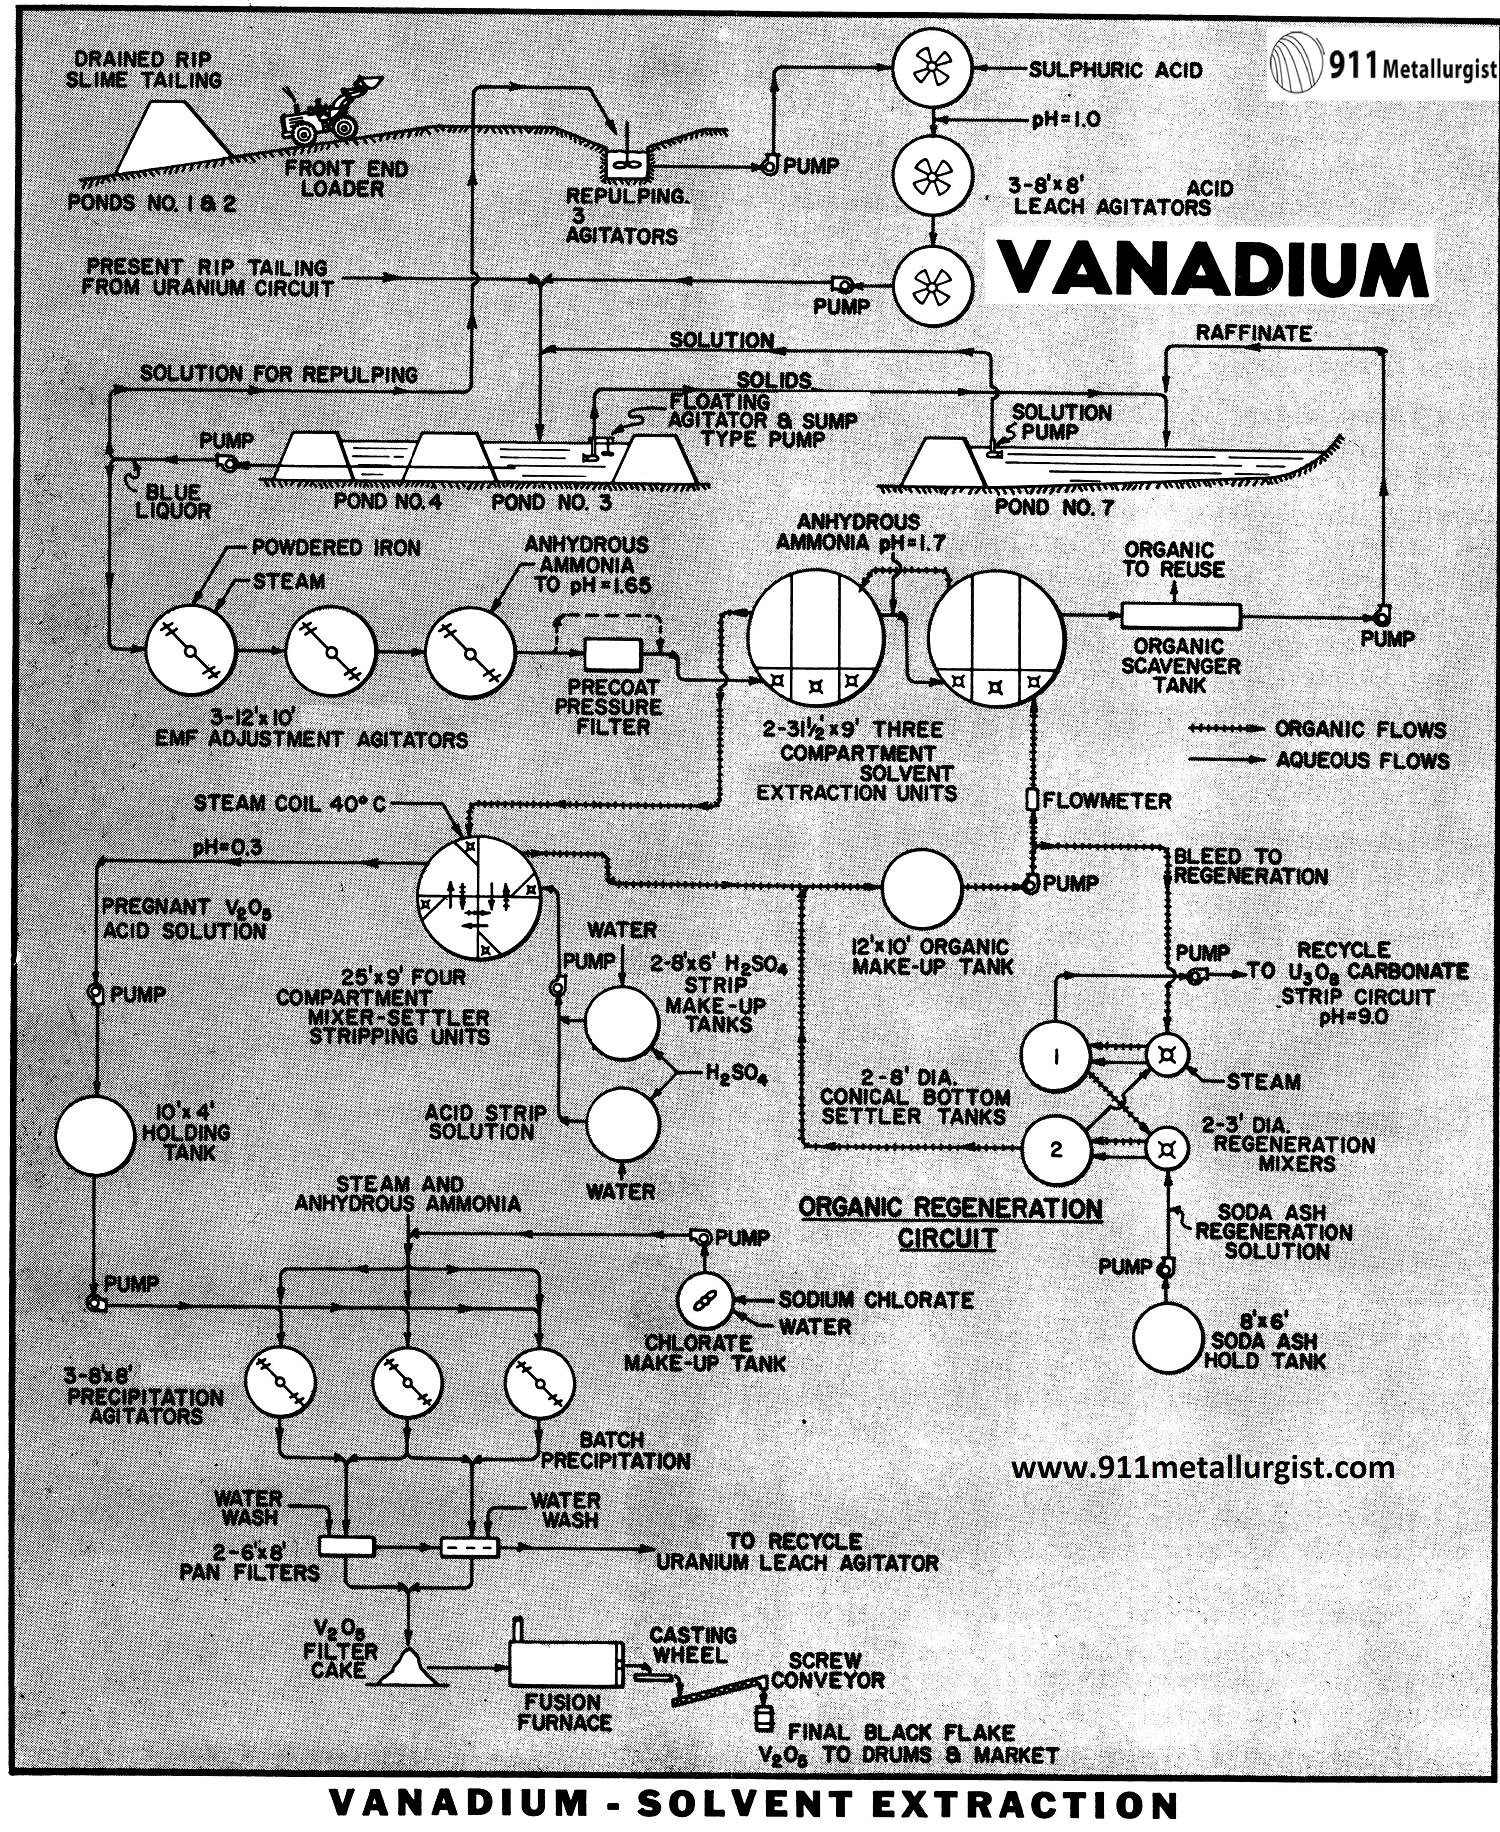 Vanadium-Solvent Extraction